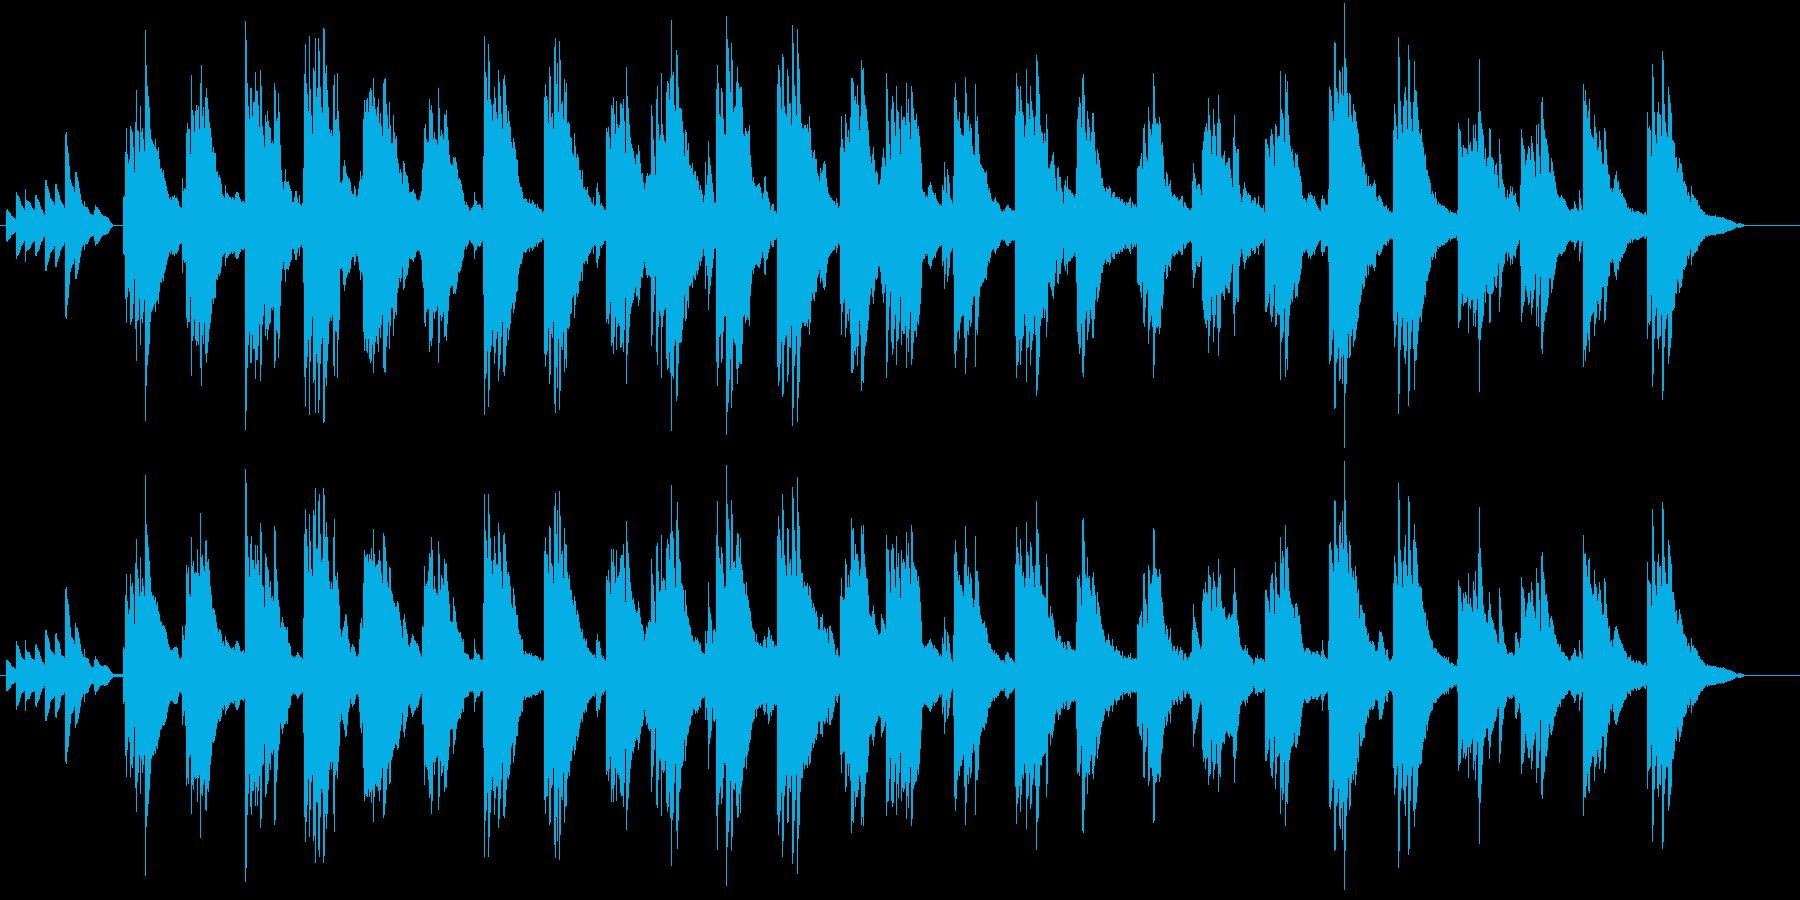 孤独感のあるピアノ曲の再生済みの波形